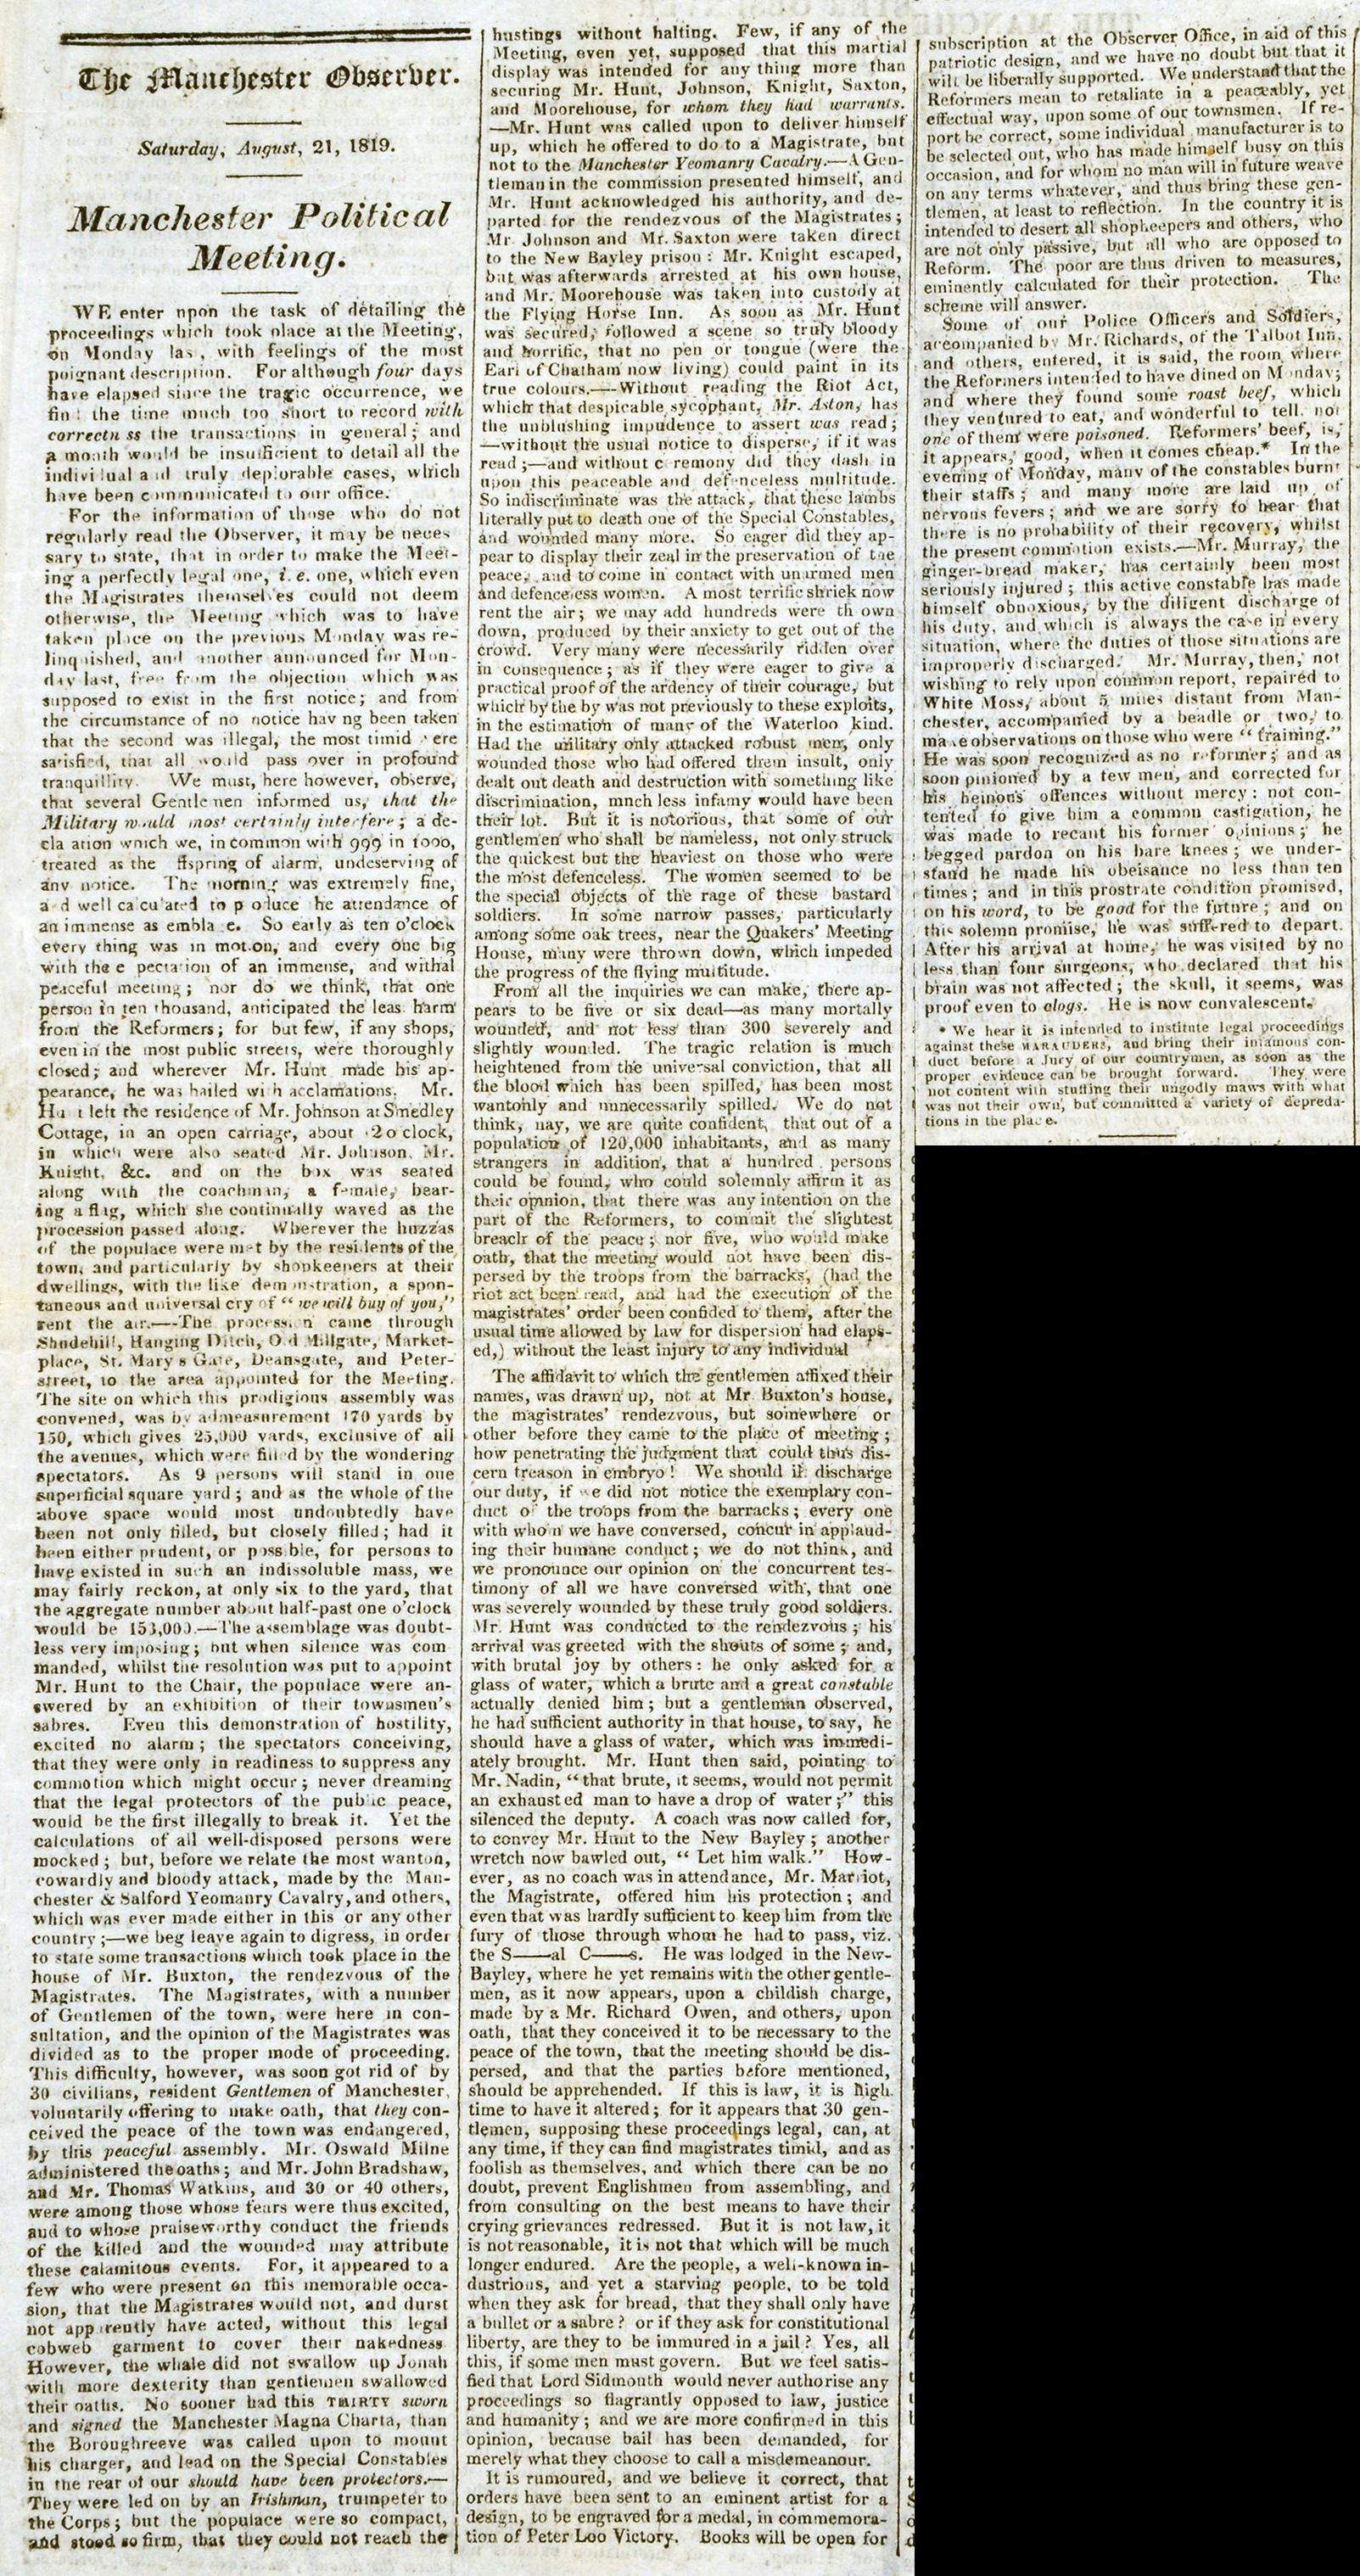 Manchester Observer (HO42-192 f5 pg 687)